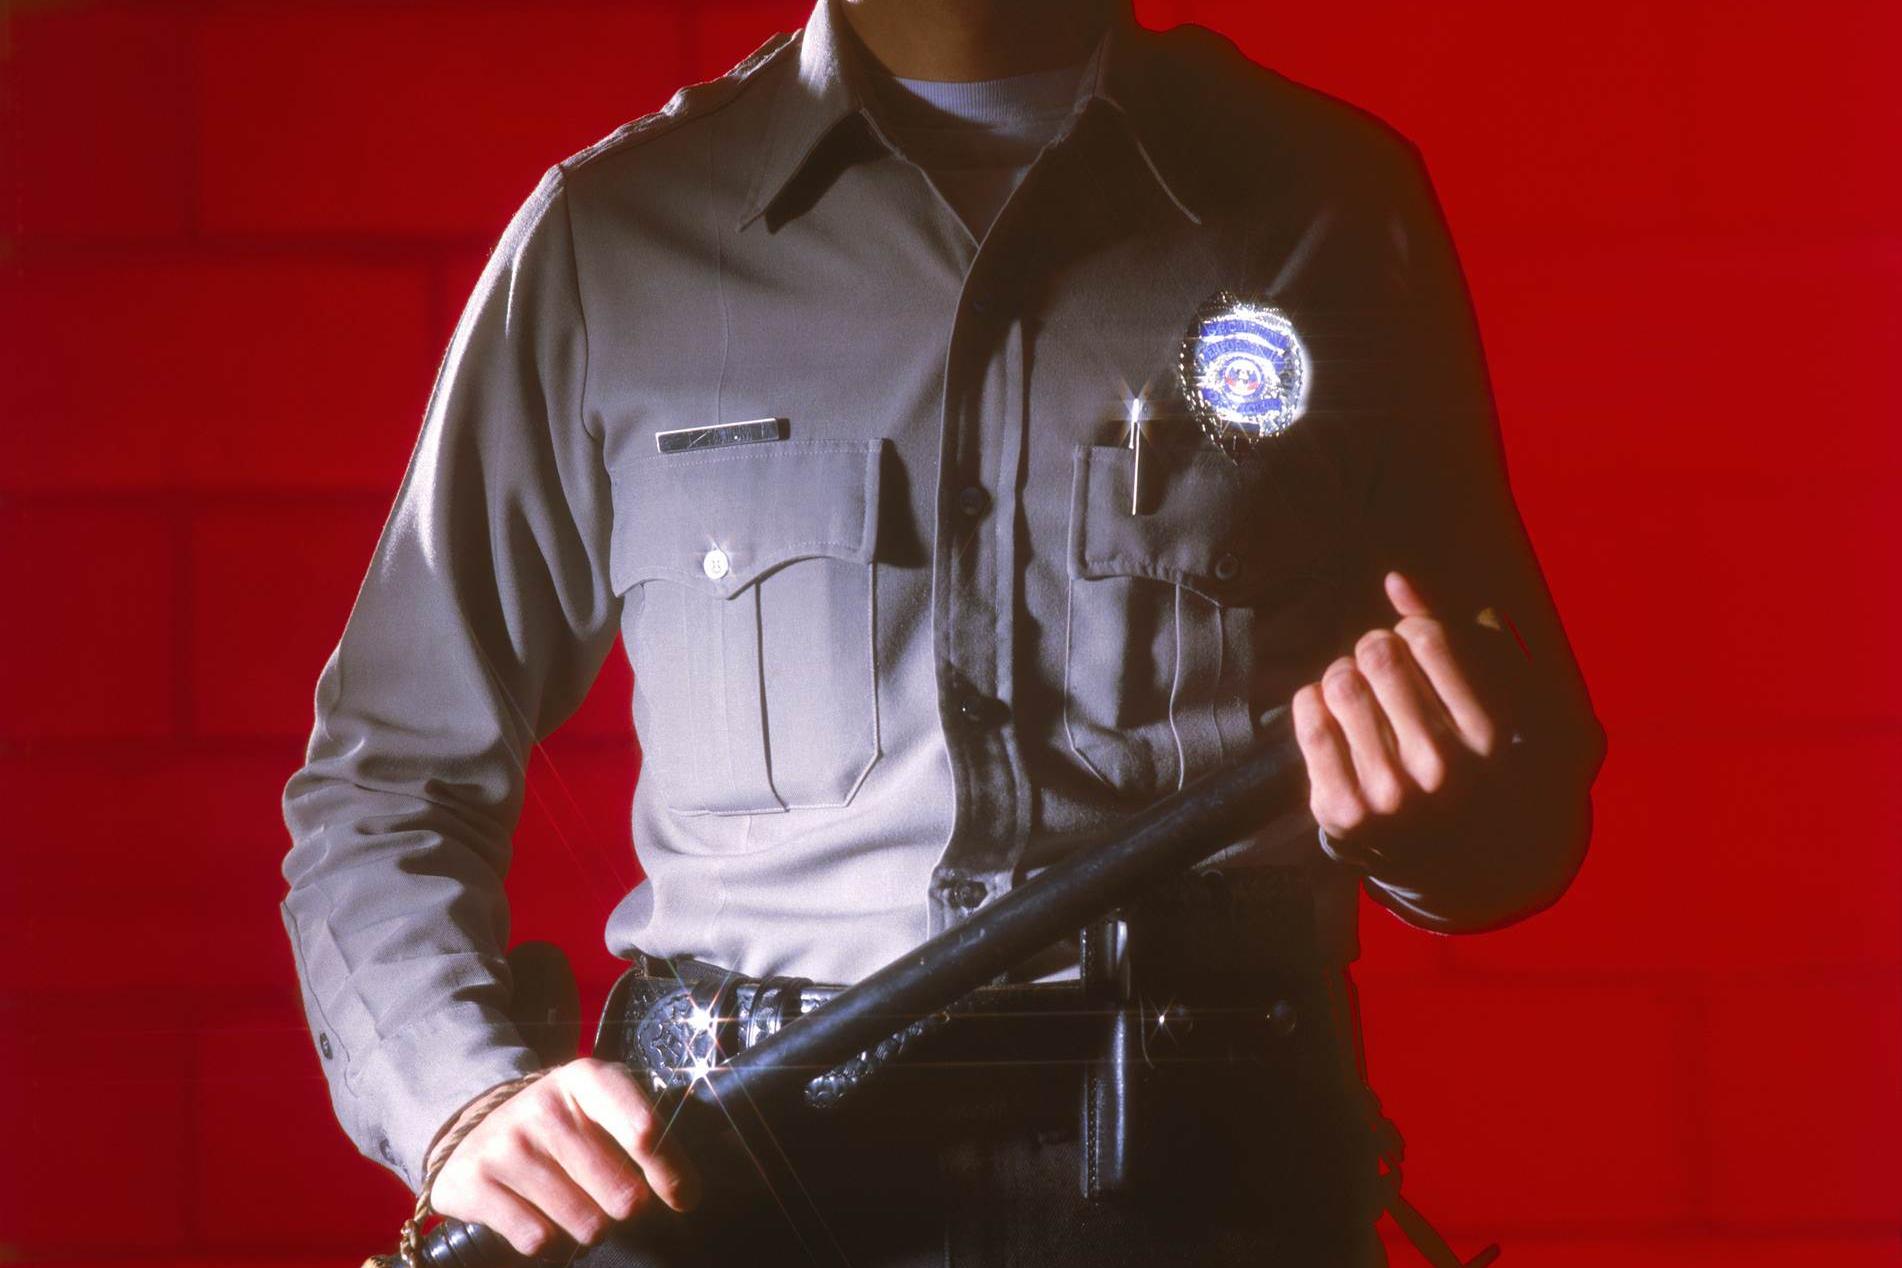 'Serial' muestra lo que sucede cuando intentas meter a un policía en la cárcel. Spoiler: no es bueno